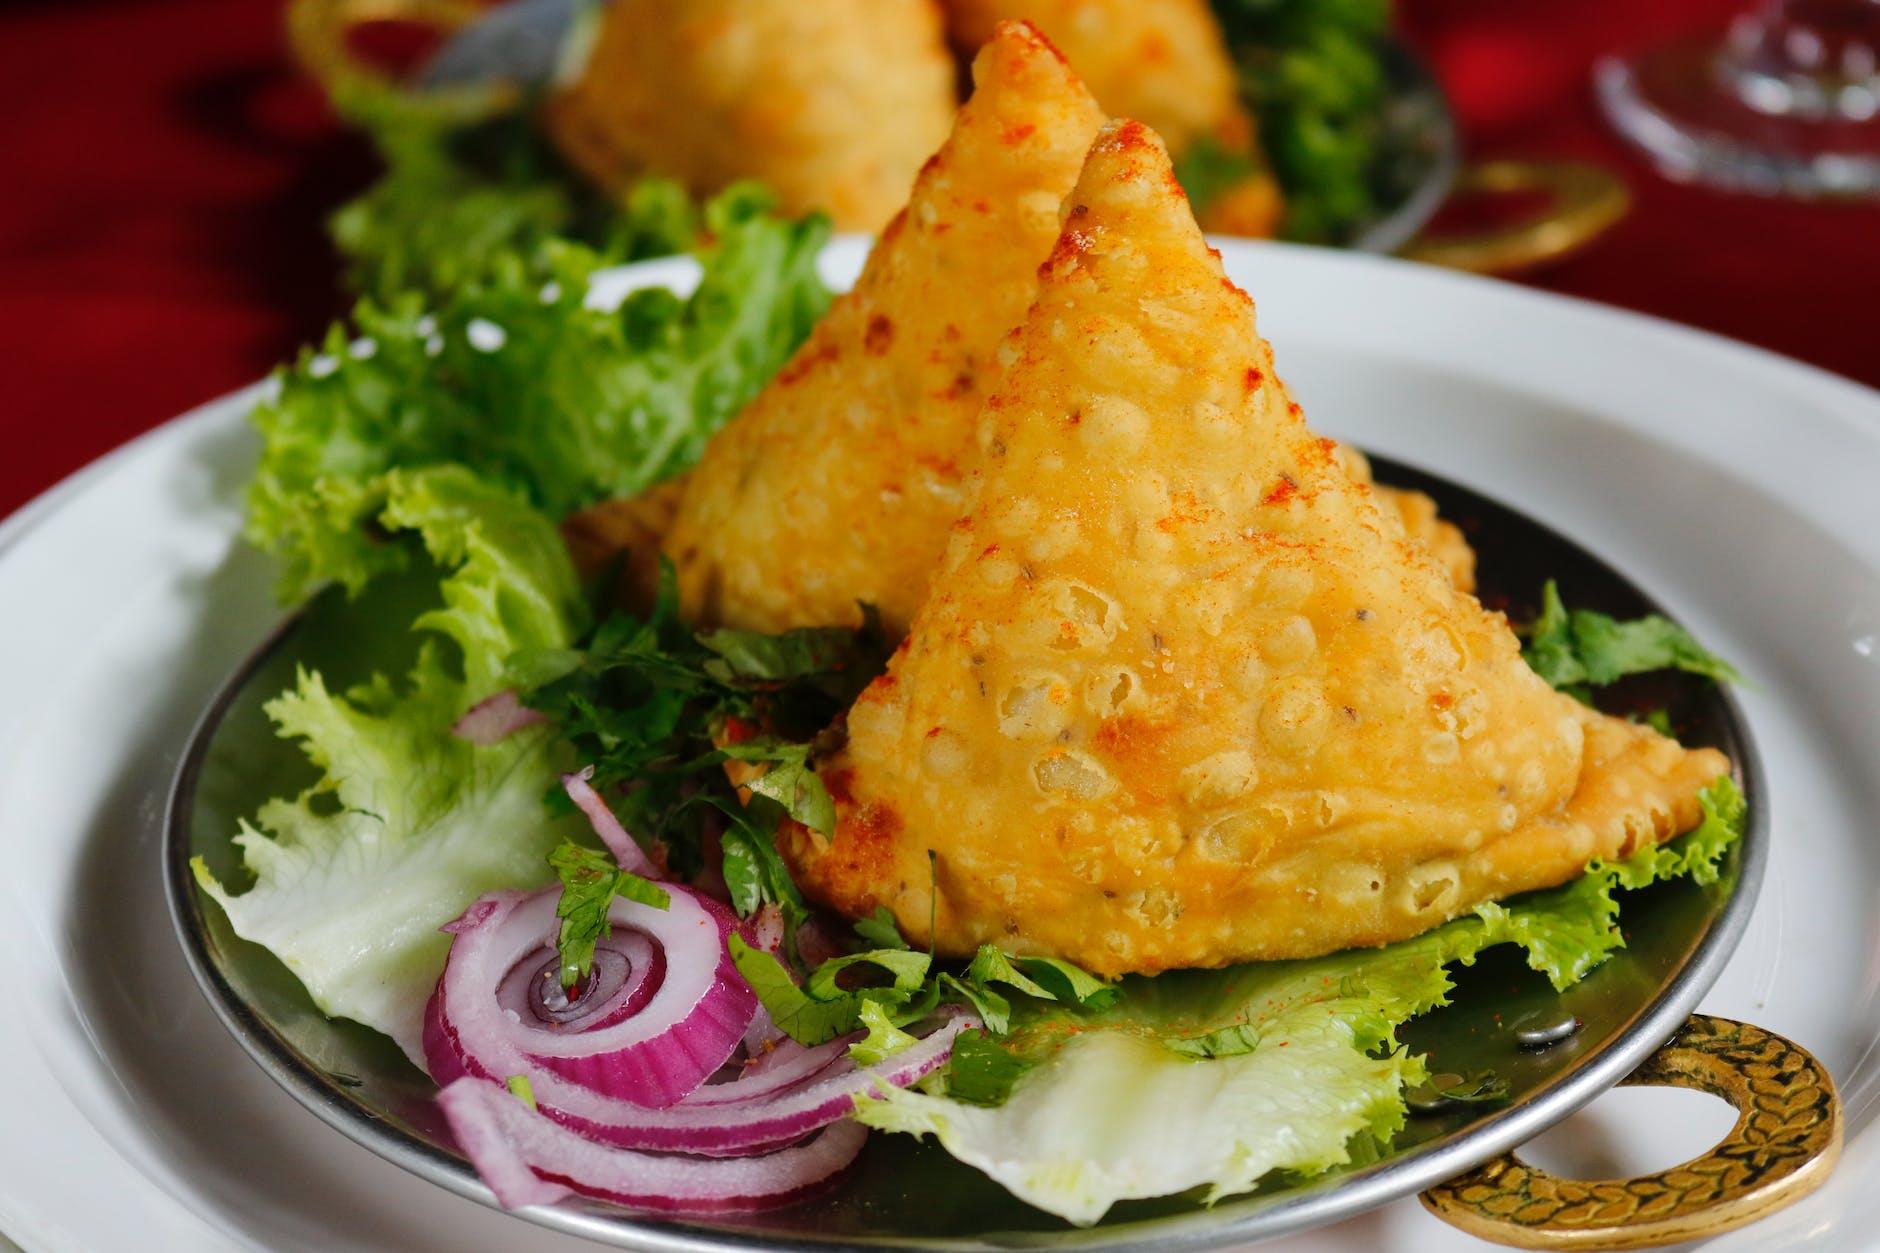 samosa in Indian restaurant in Croatia